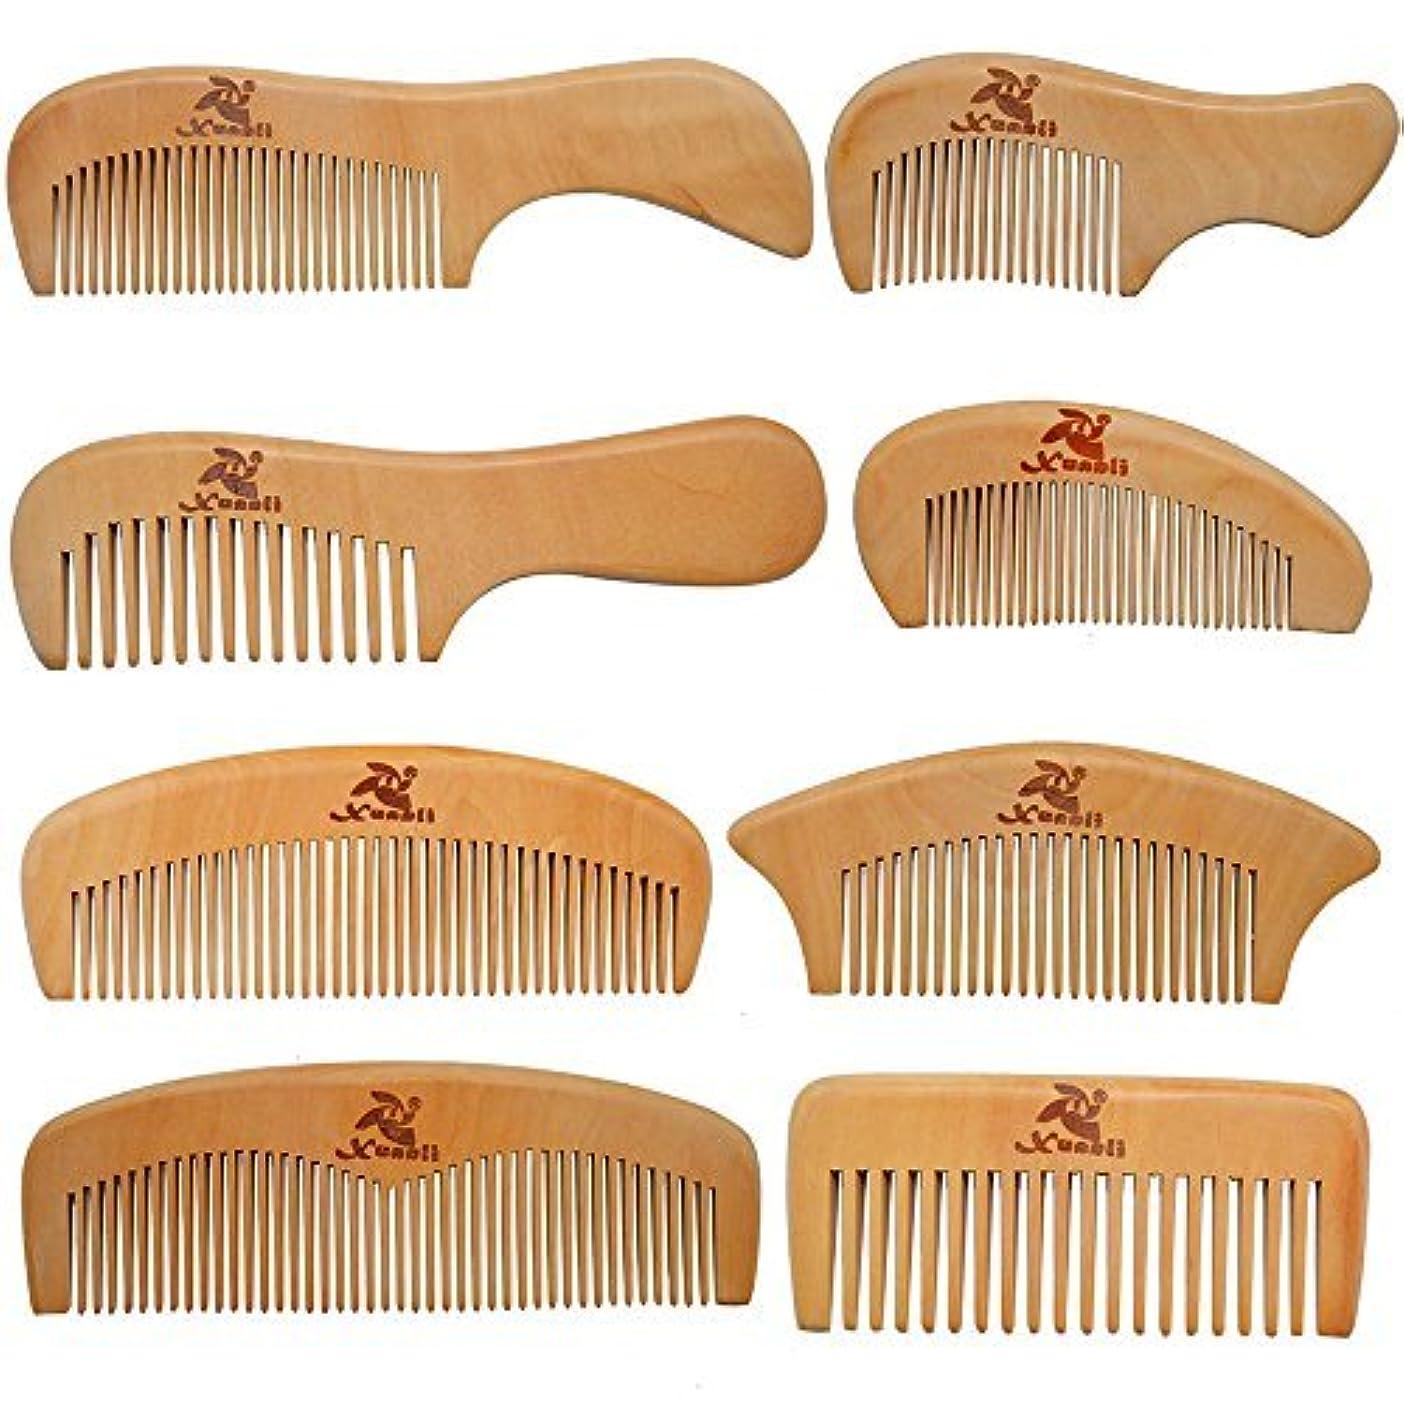 要塞ドレイン情熱的Xuanli 8 Pcs The Family Of Hair Comb set - Wood with Anti-Static & No Snag Handmade Brush for Beard, Head Hair...